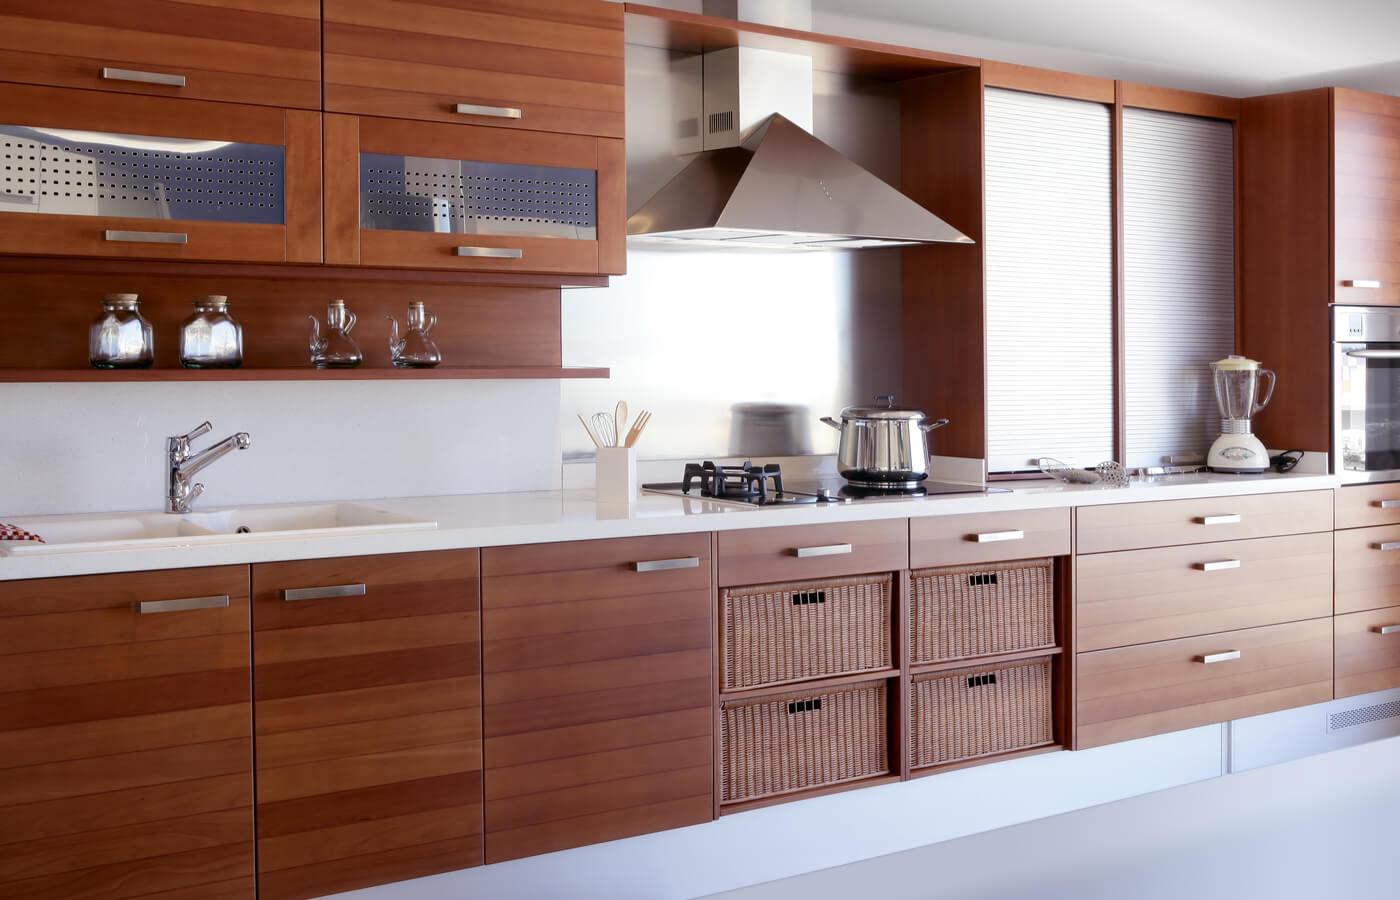 Muebles de madera en la cocina